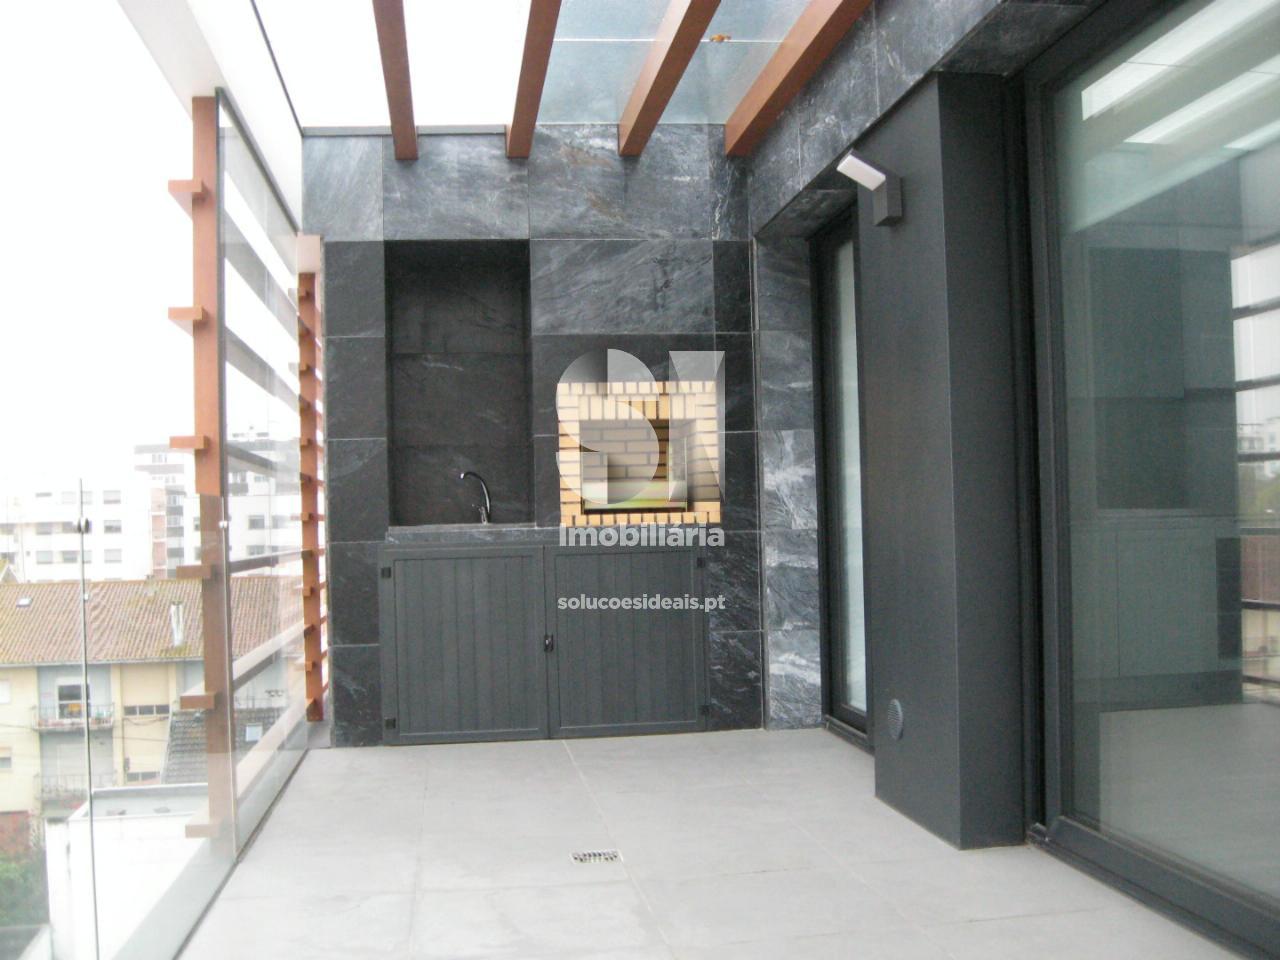 apartamento t1 para arrendamento em coimbra santo antonio dos olivais vale das flores SEDVM9652